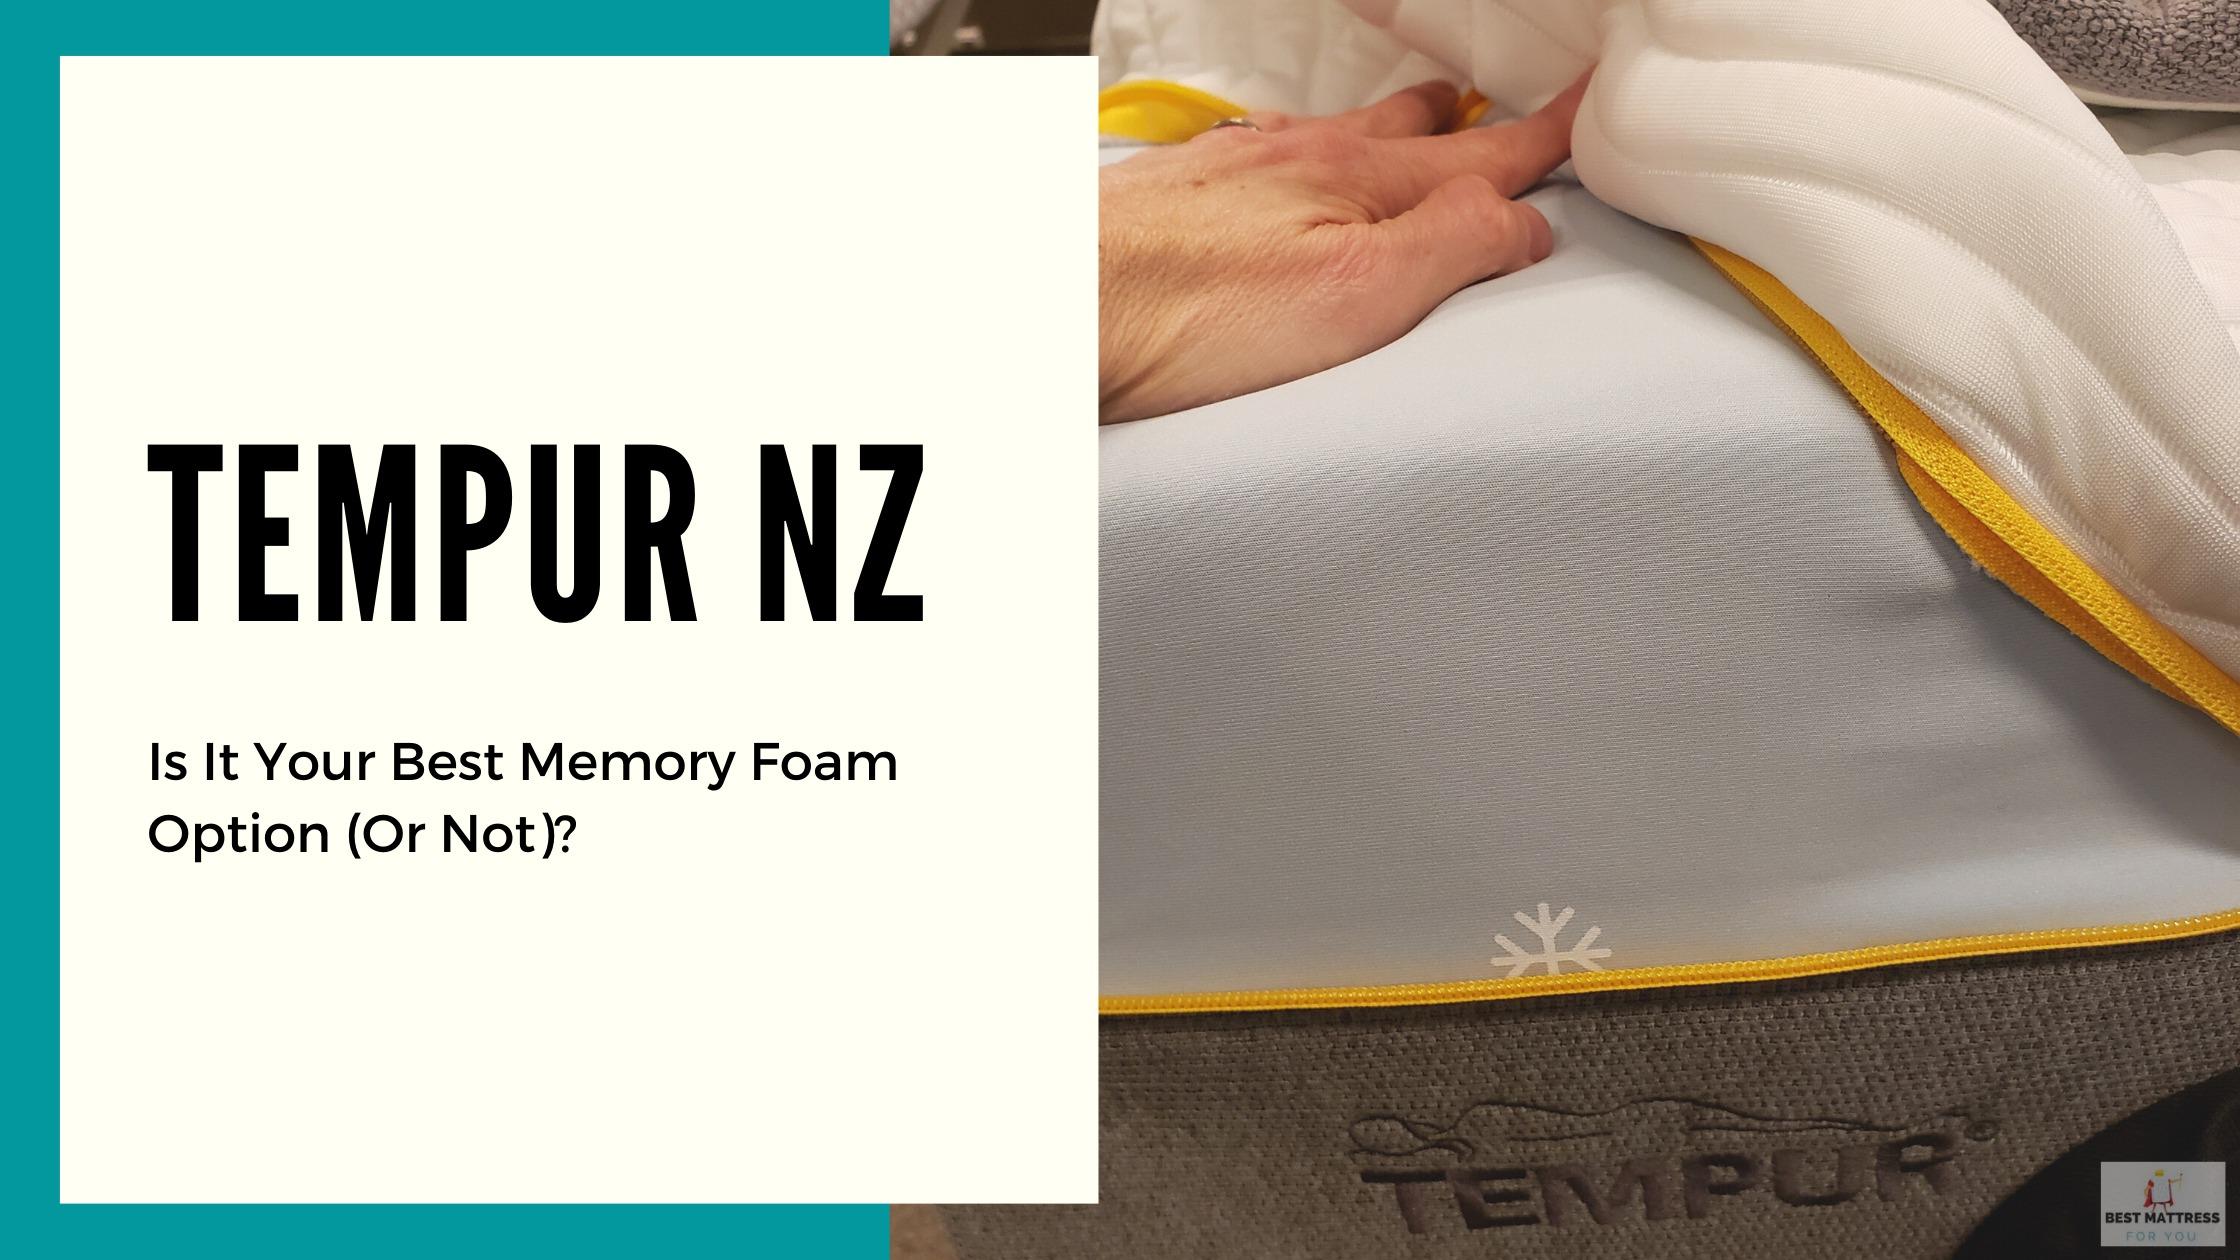 Tempur NZ